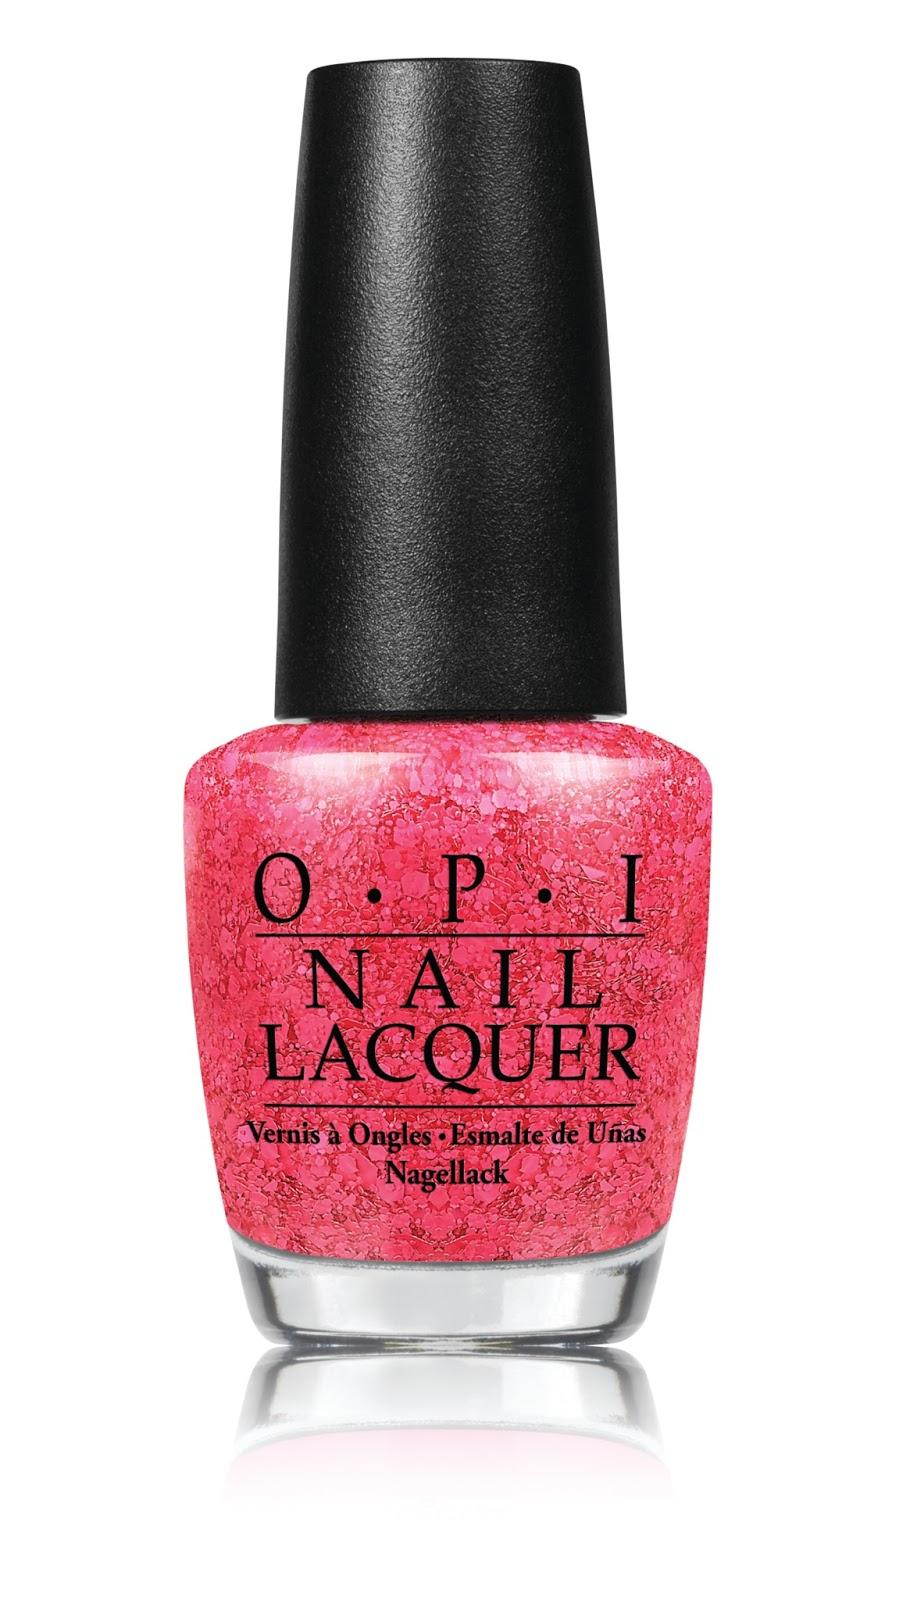 OPI Лак для ногтей On Pinks & Needles, 15 мл28032022Лак для ногтей из коллекции Brights OPI 2015. Ярко-розовый глиттер. Палитра лаков Brights OPI - это яркие лаки для ногтей, которые отлично смотрятся как на длинных, так и на коротких ногтях. Лаки-глиттеры идеально подходят для дизайна ногтей. Вся коллекция представлена также и в гель-лаке GelColor.